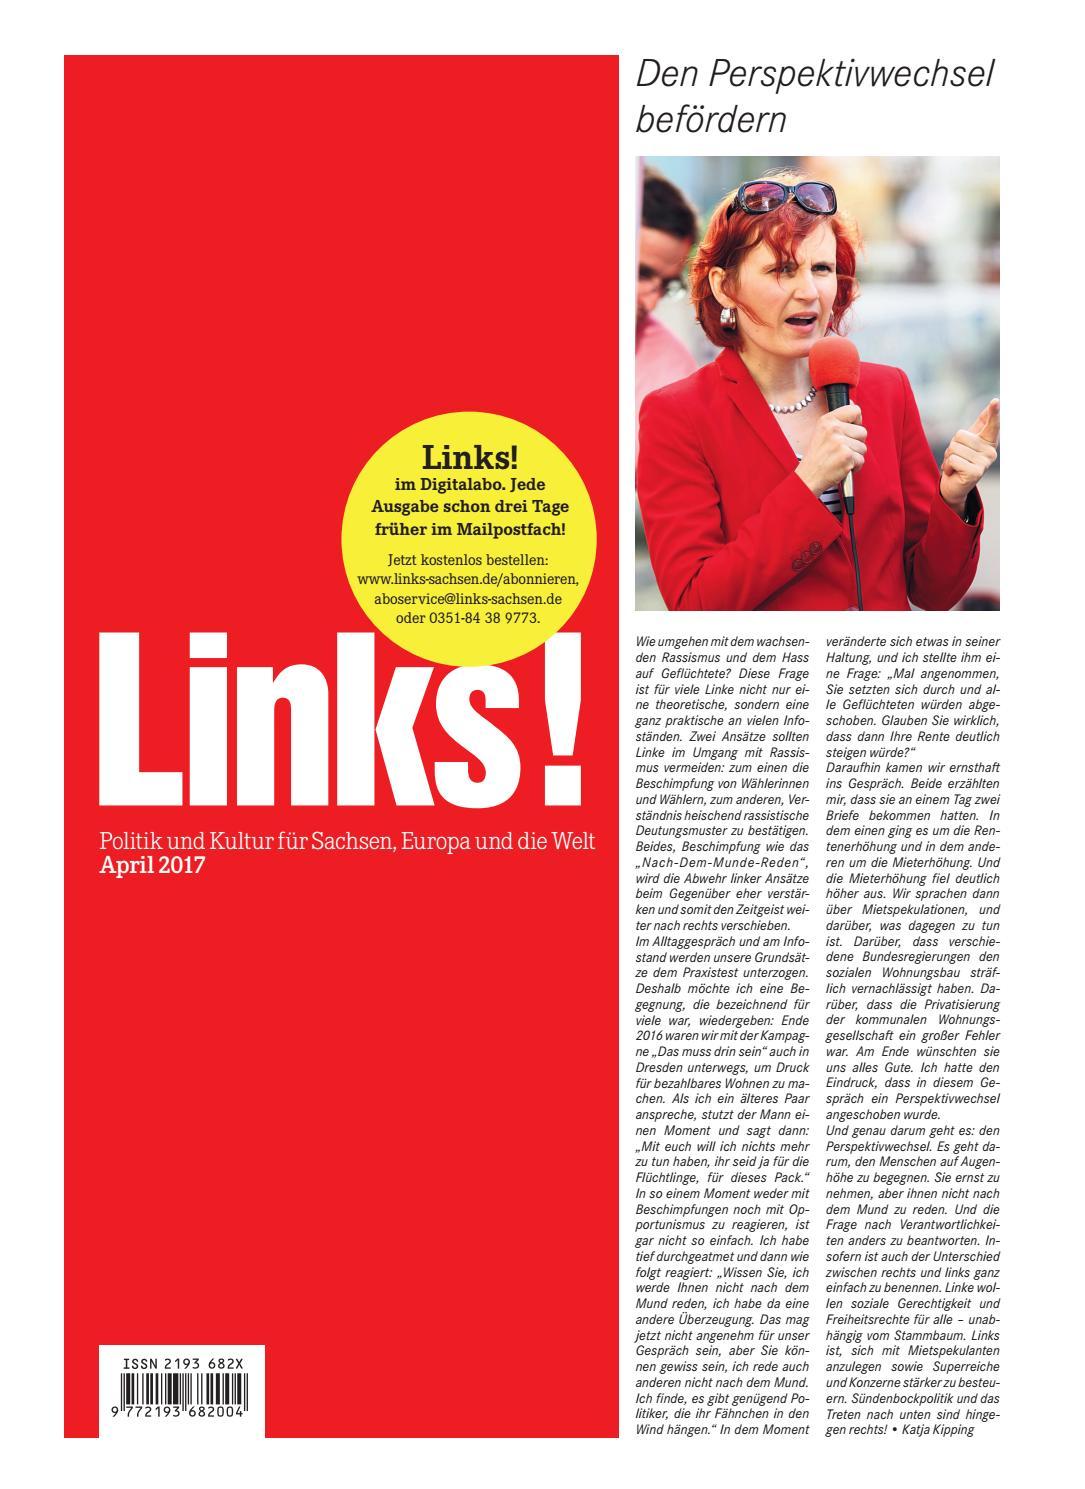 LINKS! Ausgabe 4/2017 by LINKS! Politik und Kultur für Sachsen, Europa und  die Welt - issuu